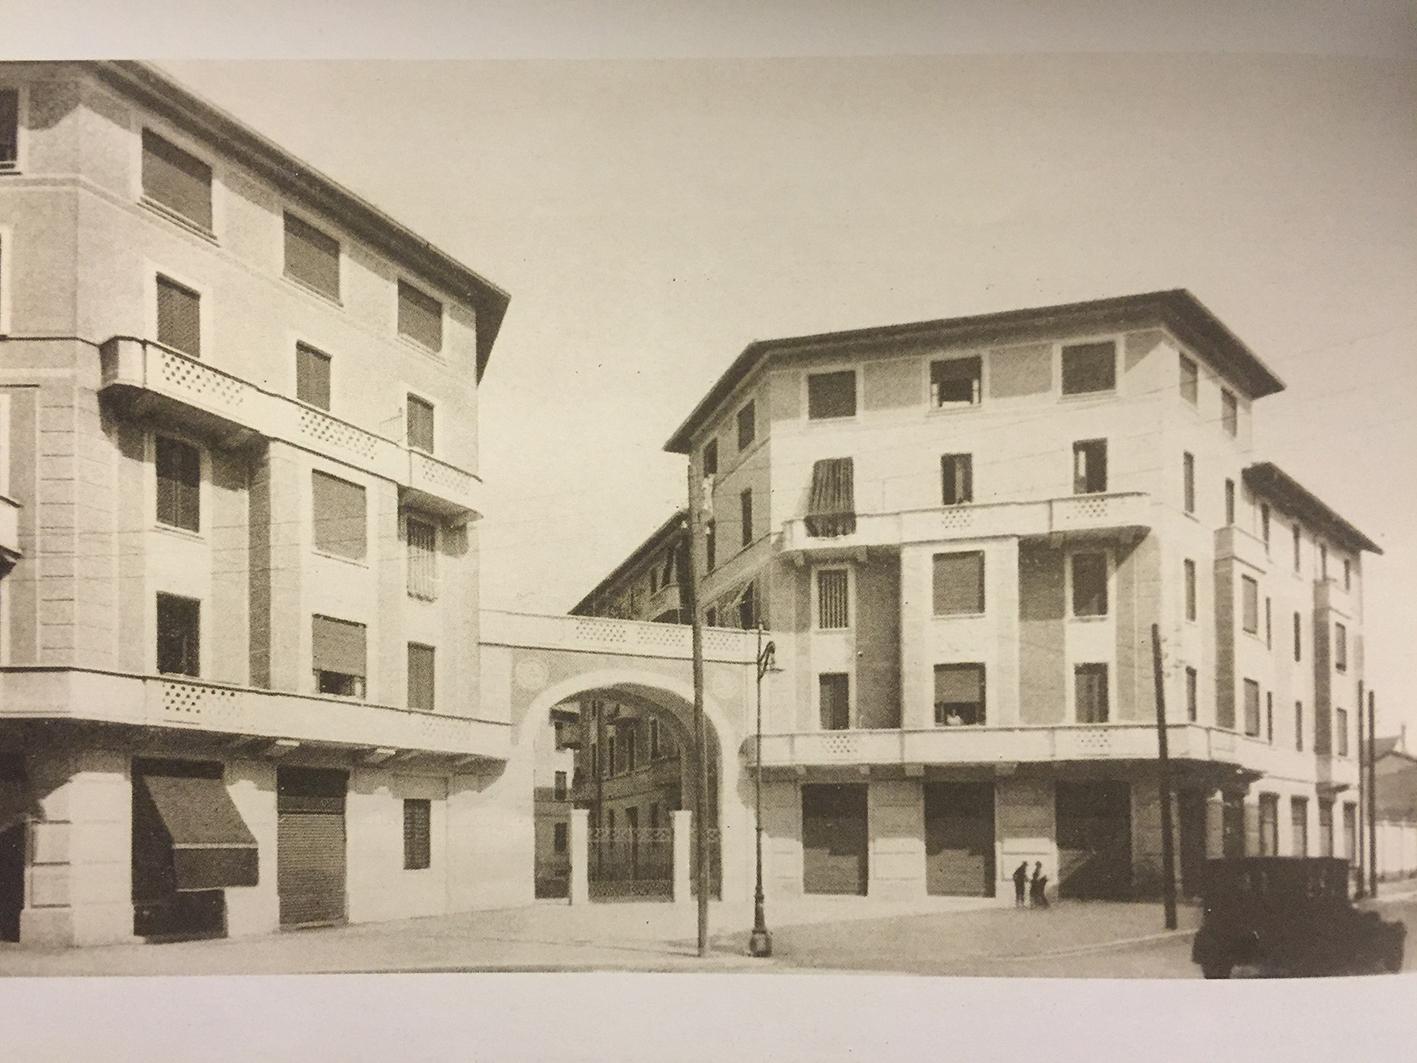 Milano la fontana un angolo interessante di for Architettura case